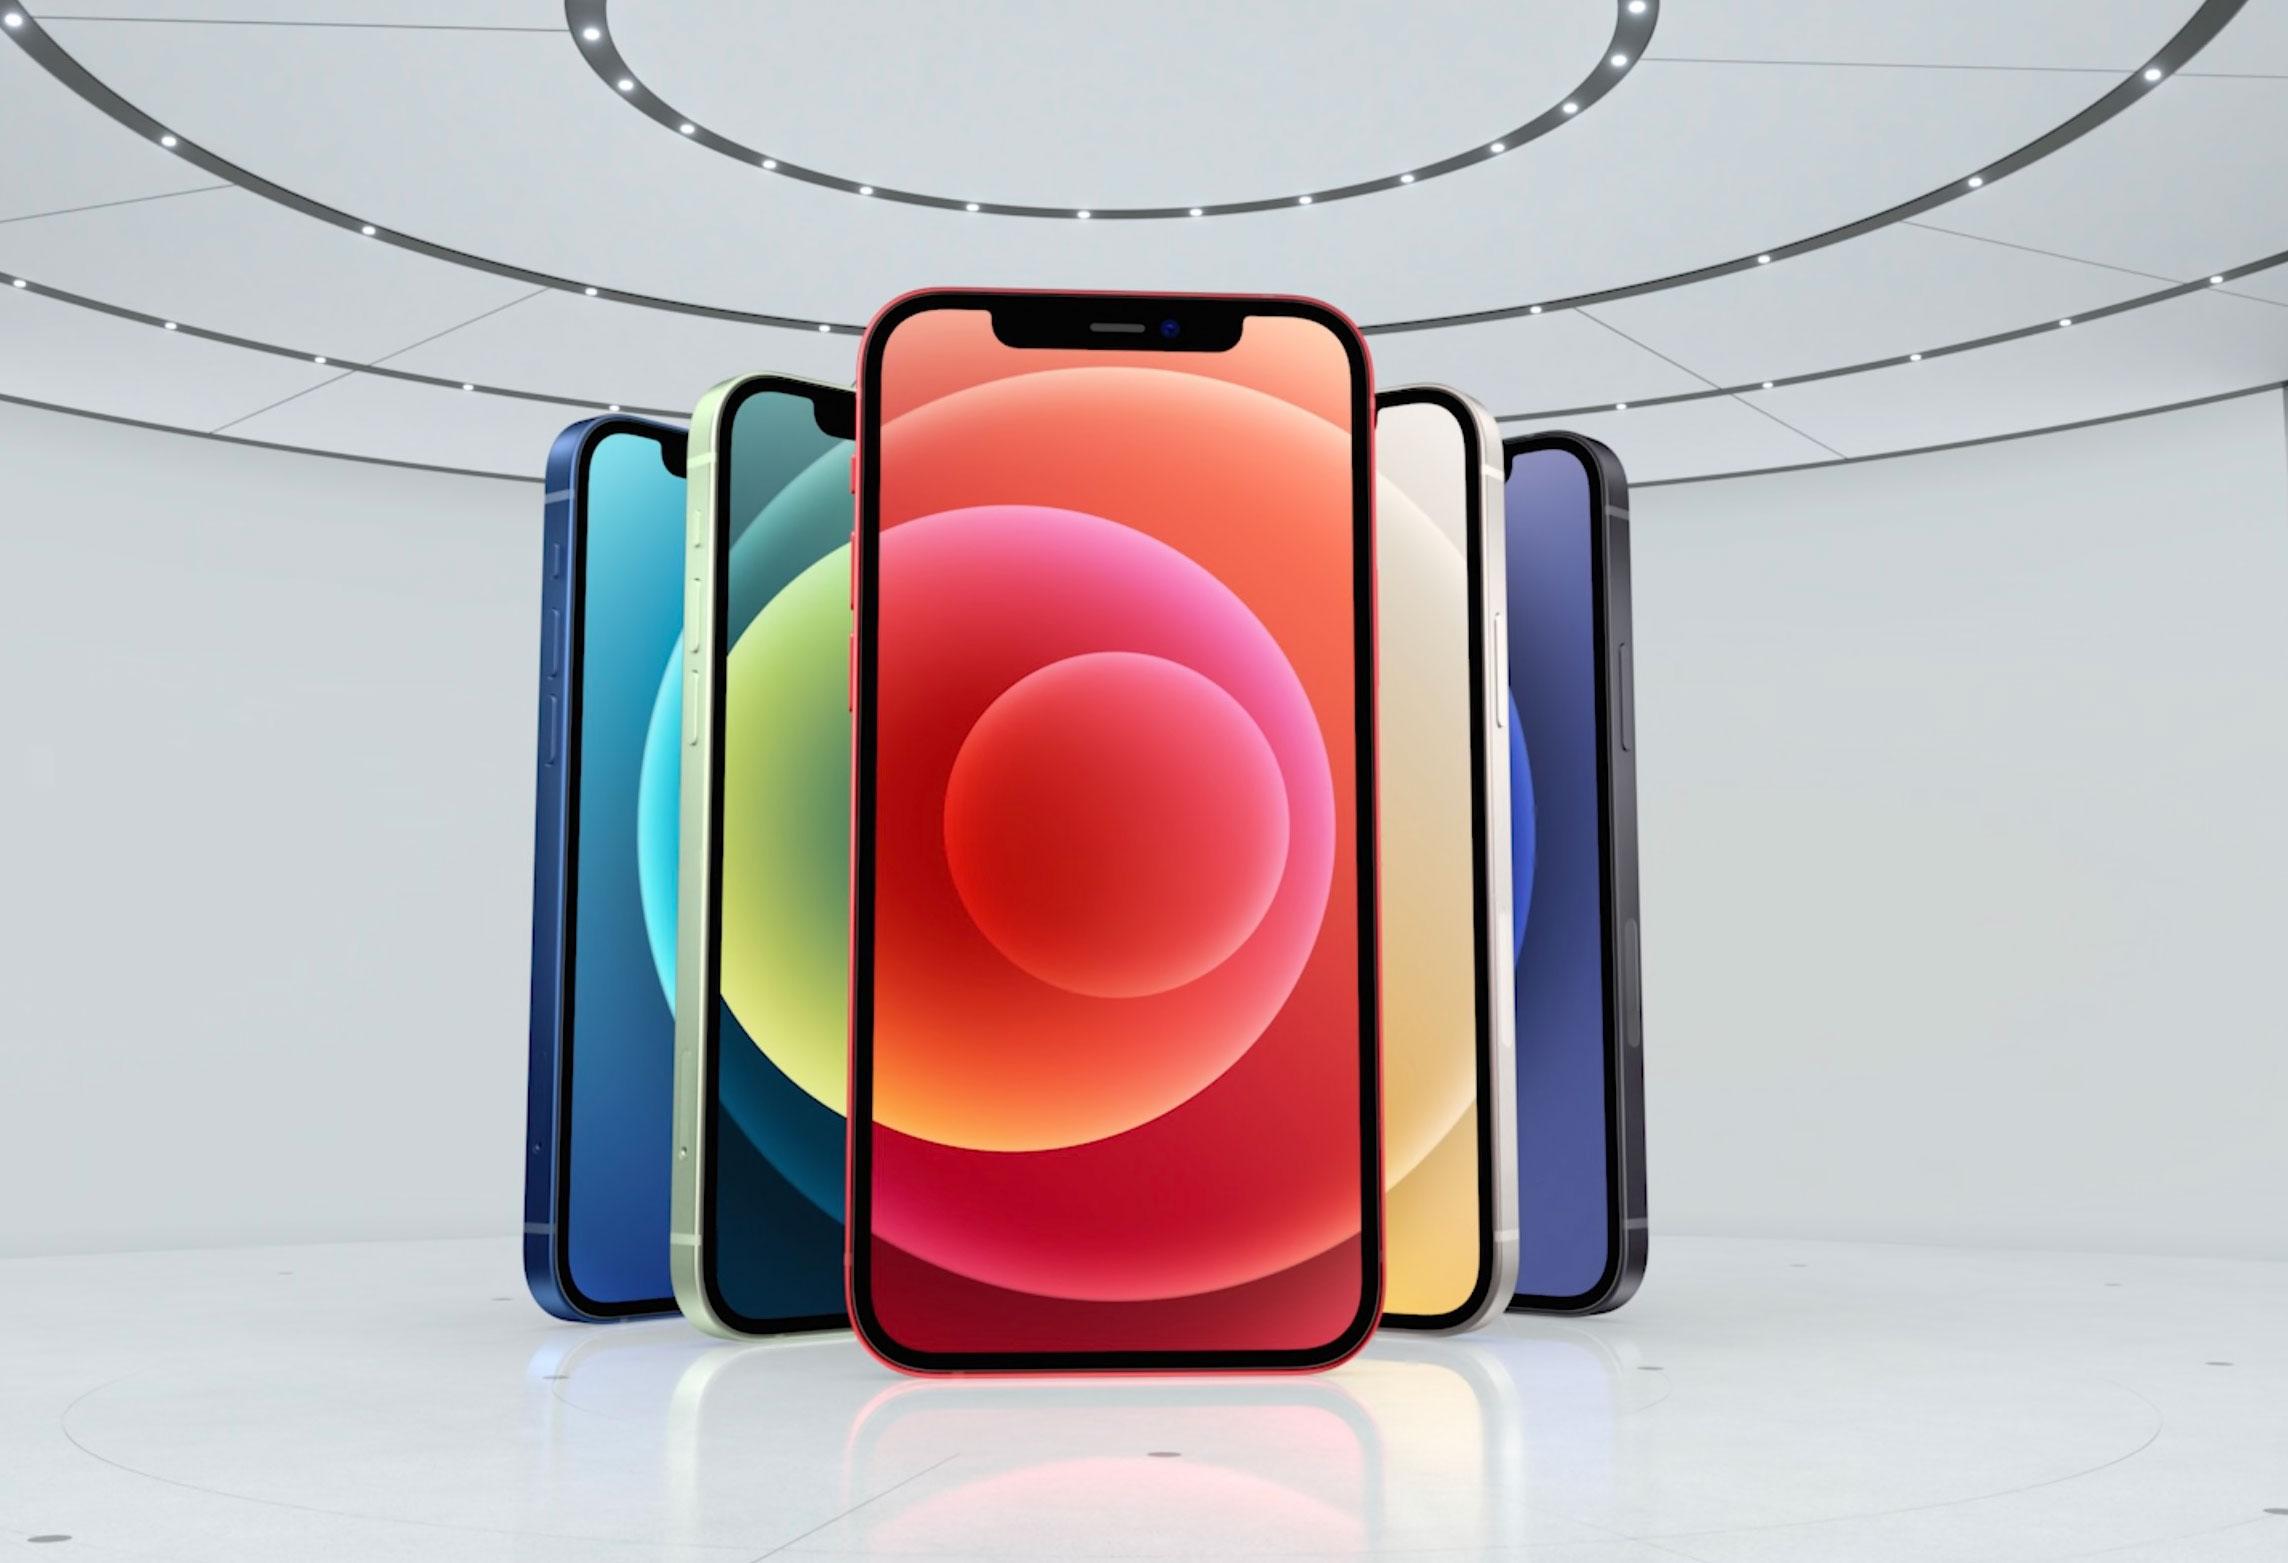 L'iPhone 12 se décline en plusieurs coloris